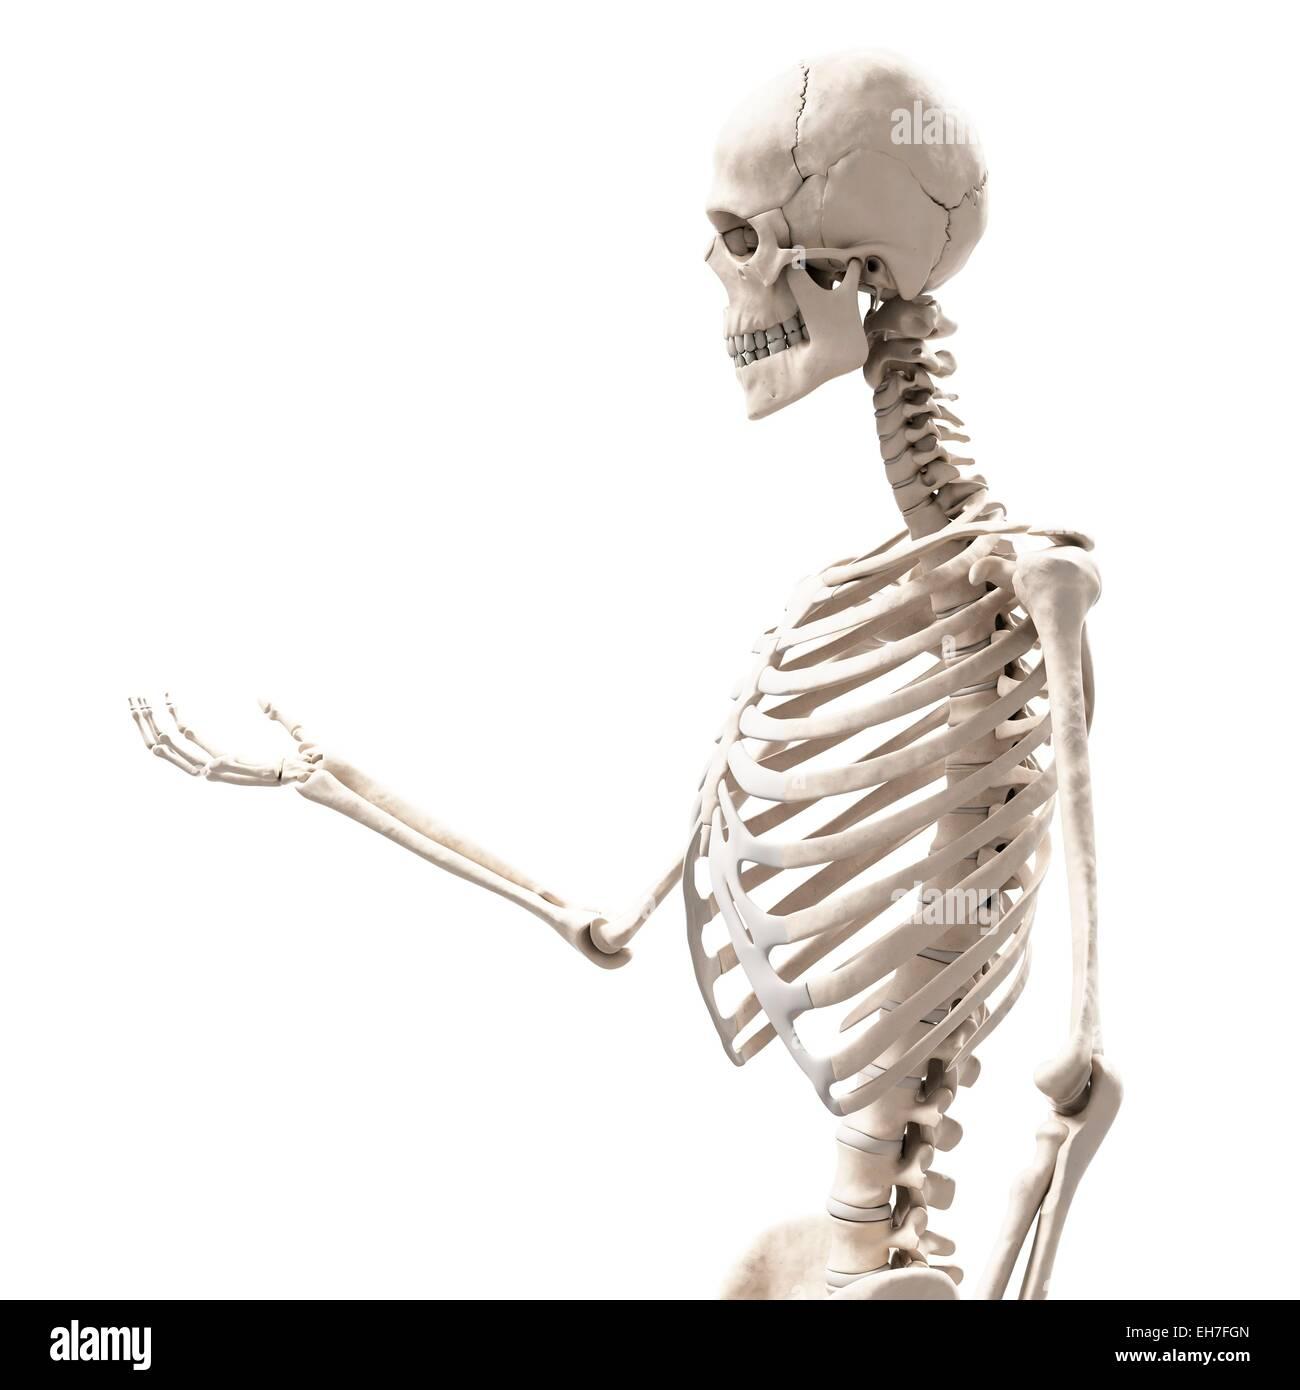 Wunderbar Skelett System Fuß Ideen - Menschliche Anatomie Bilder ...